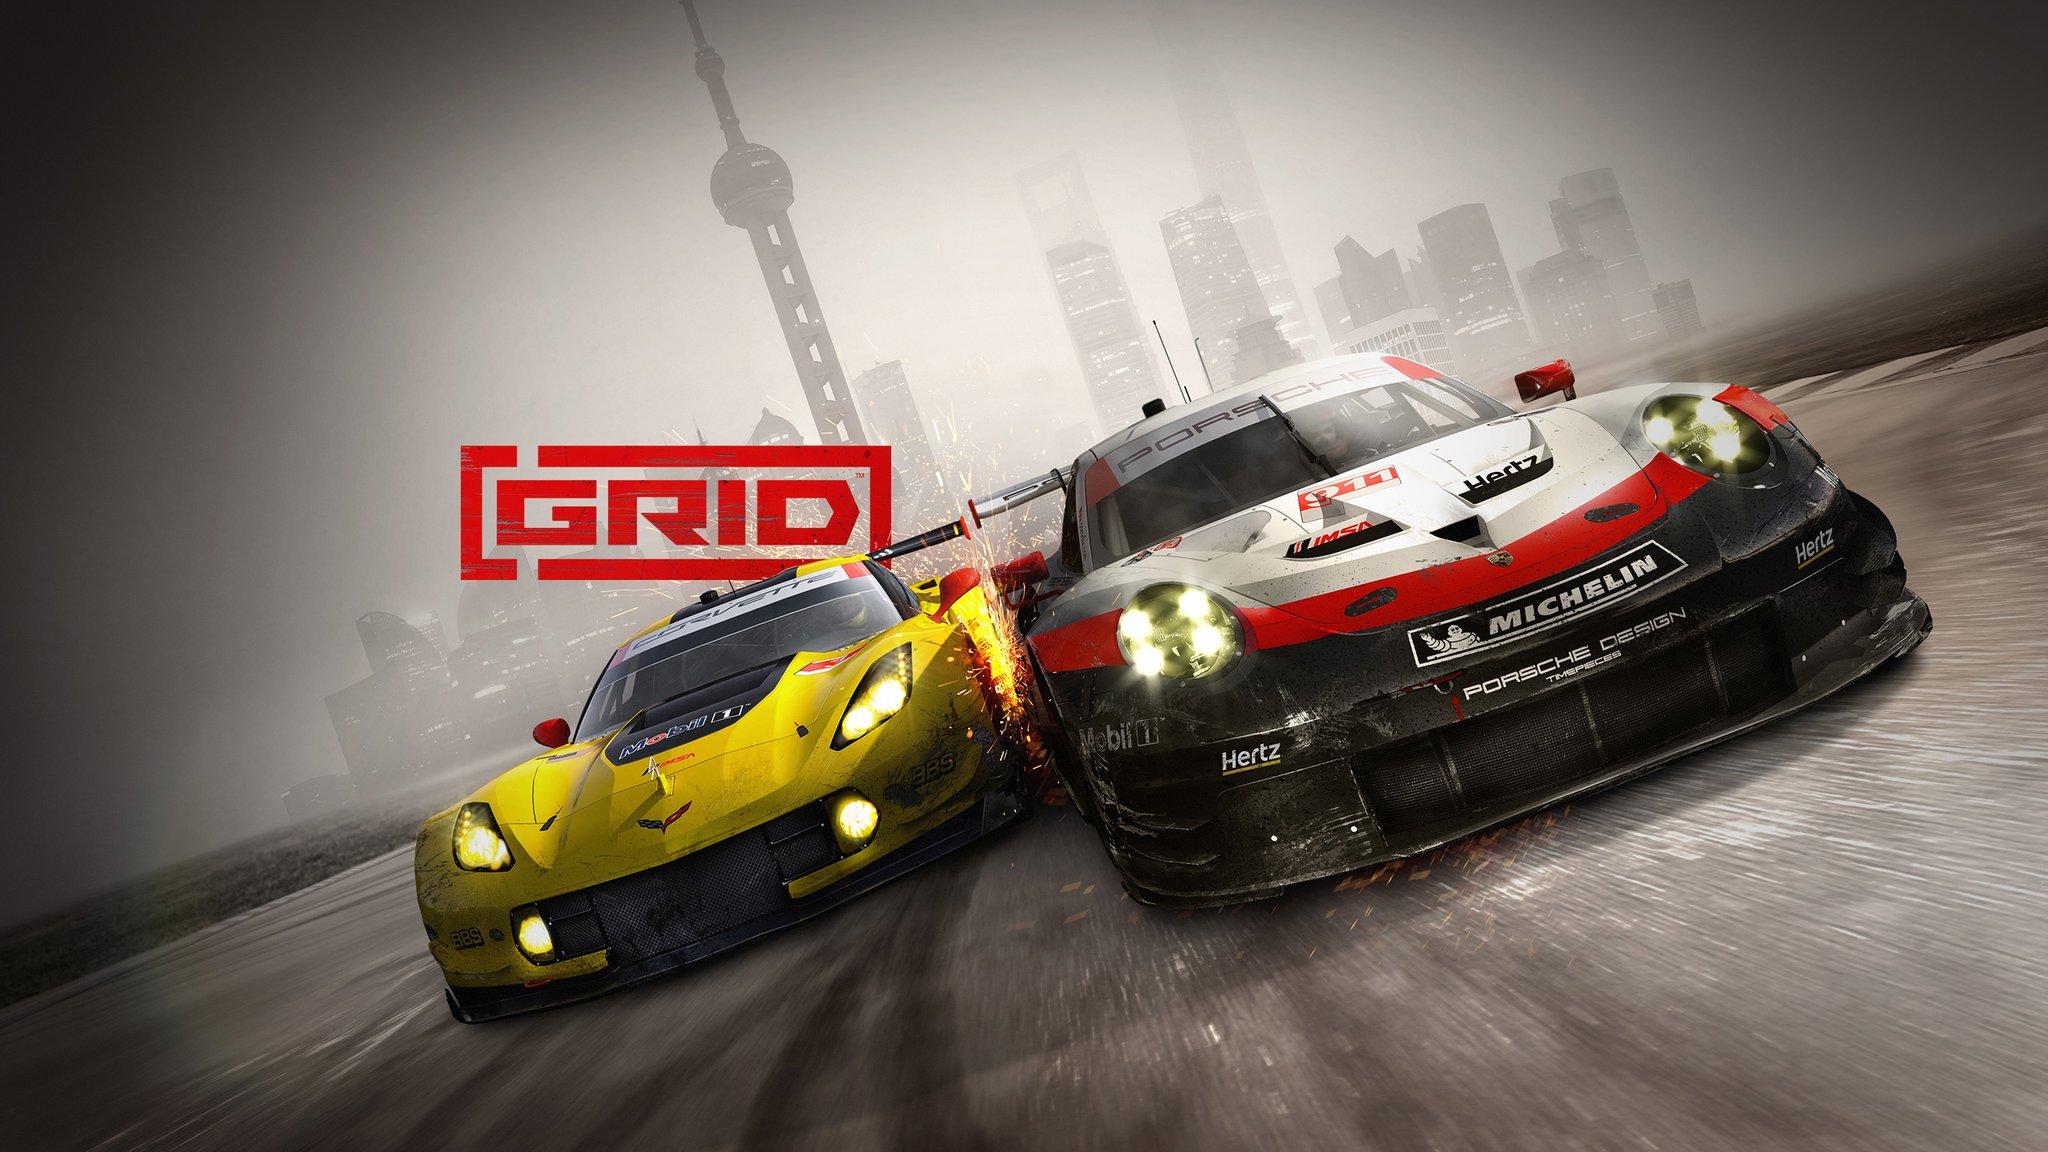 GRID Announcement Image